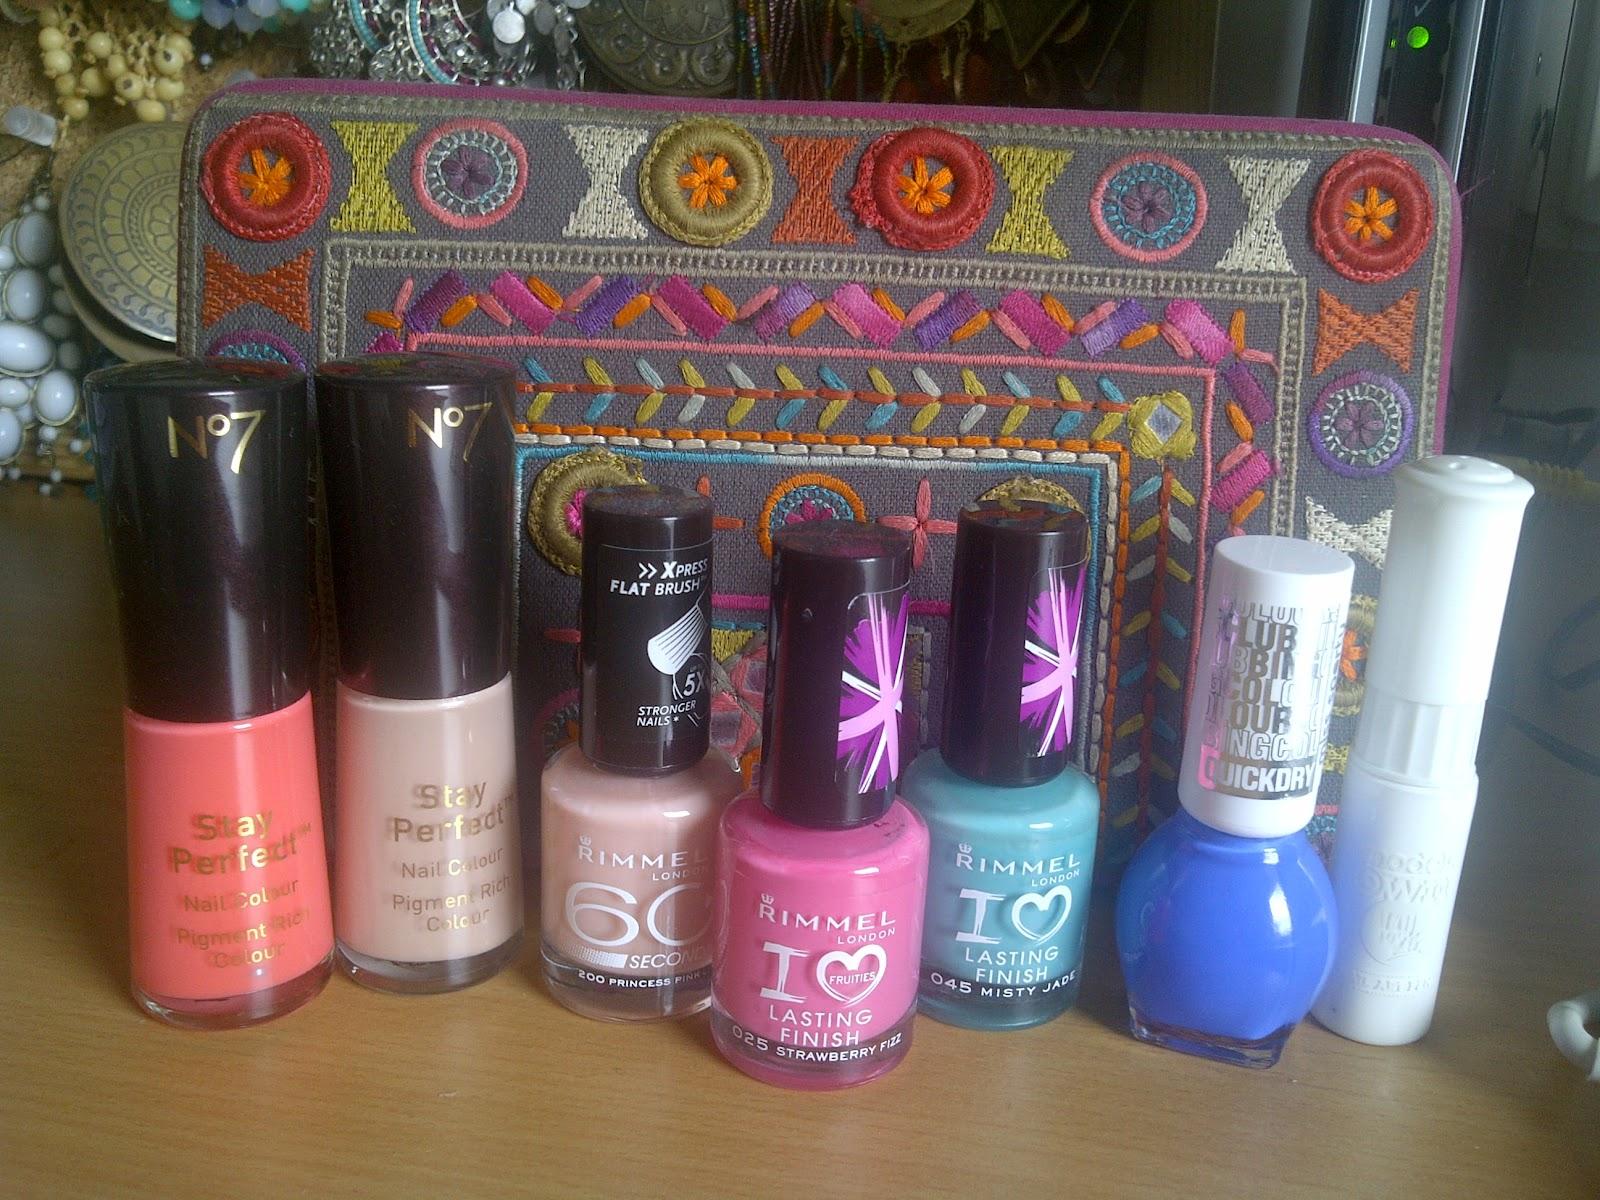 Nail art pens pune wah nails website i bought the models own and wah nails nail prinsesfo Images